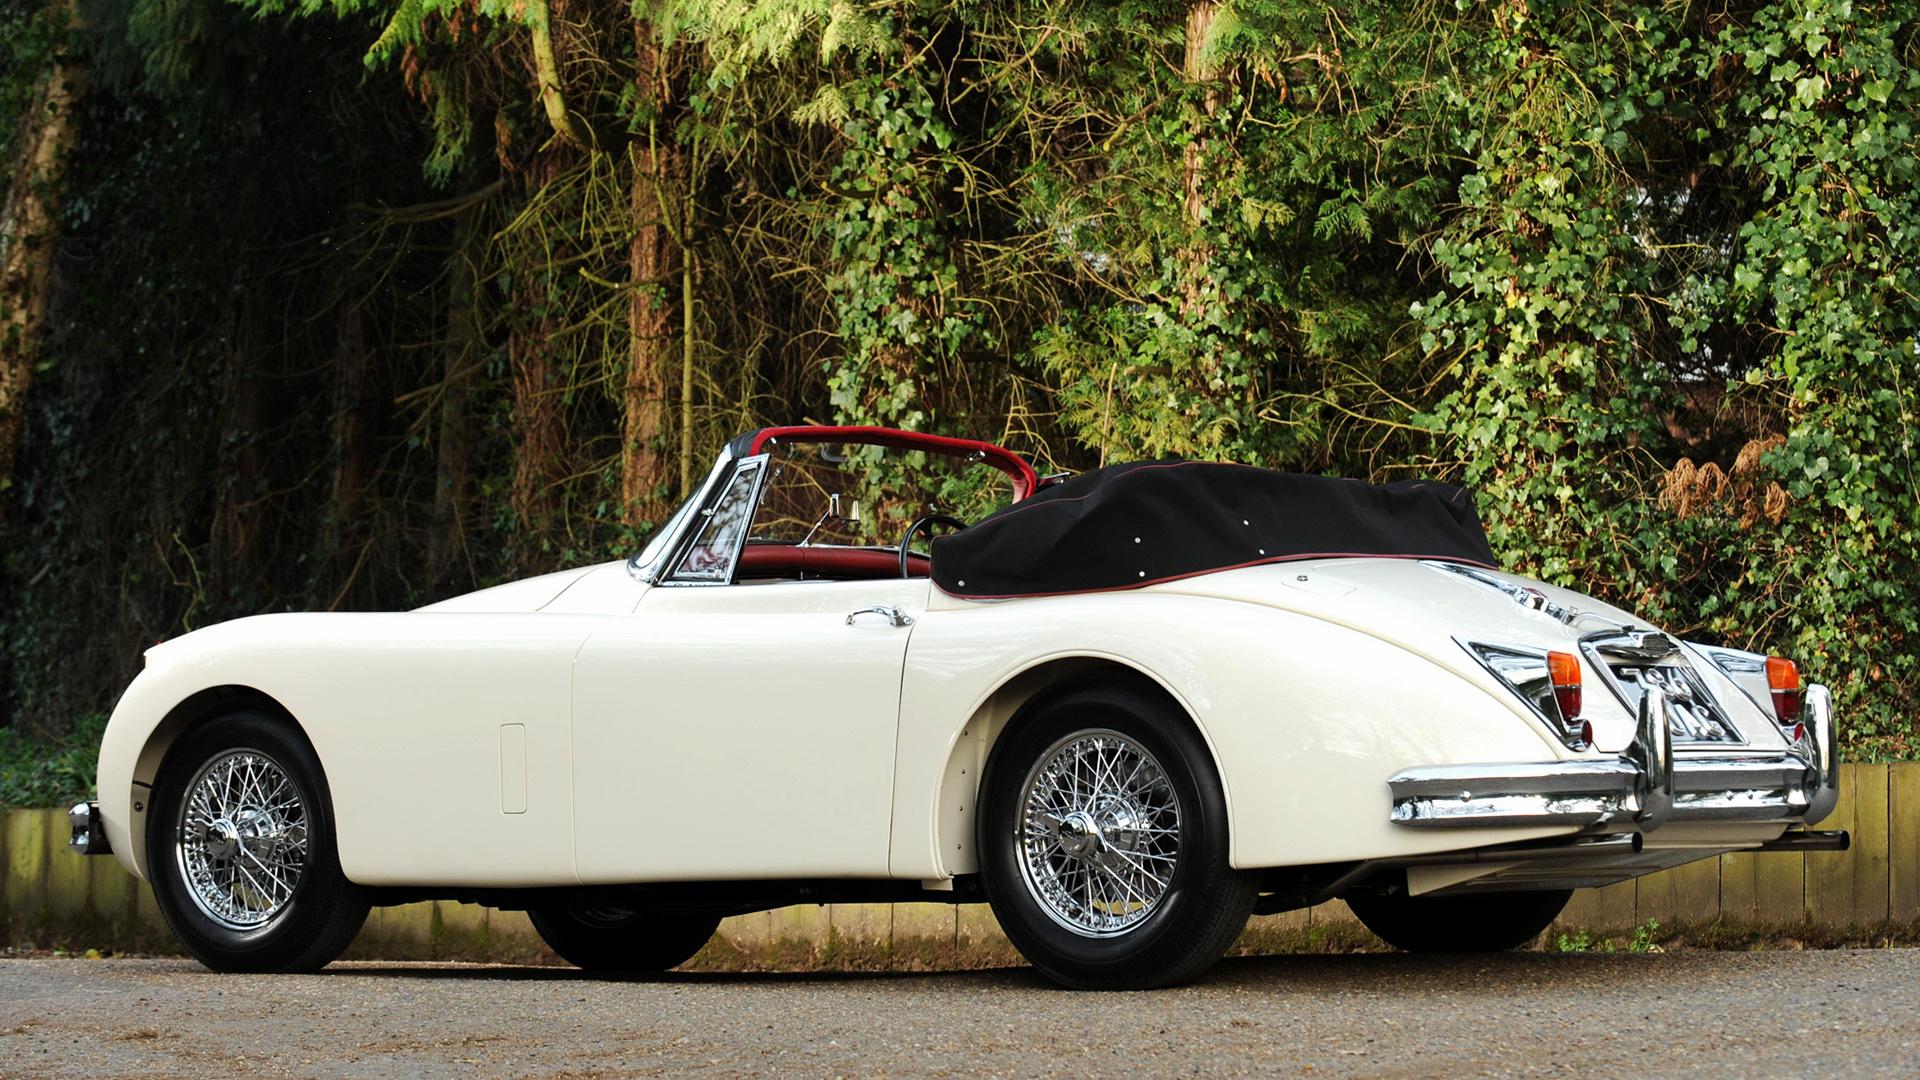 Jaguar xk150 drophead coupe 1958 uk wallpapers and hd images car pixel - Jaguar xk150 drophead coupe ...